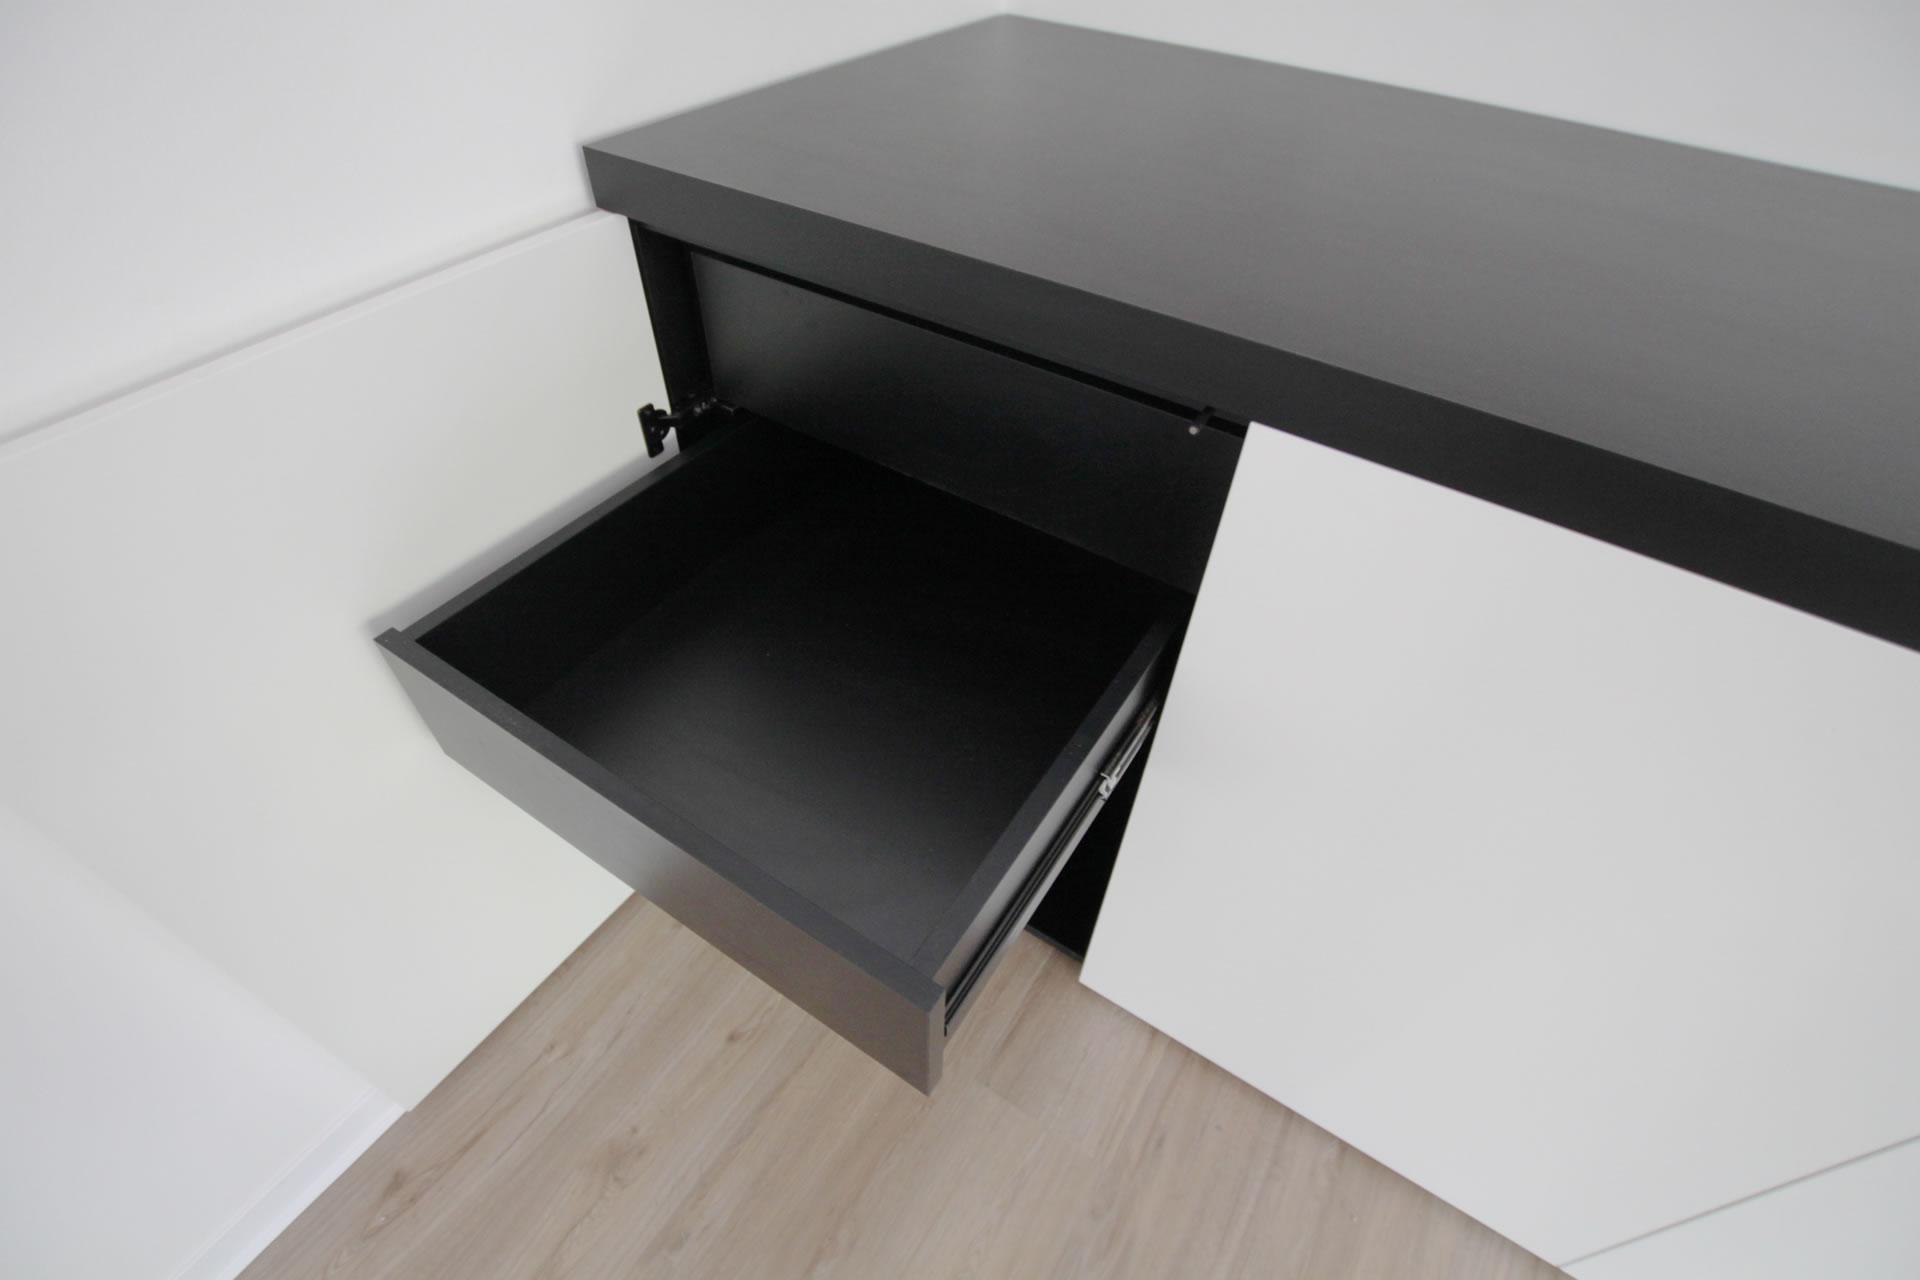 k chengesch ft. Black Bedroom Furniture Sets. Home Design Ideas